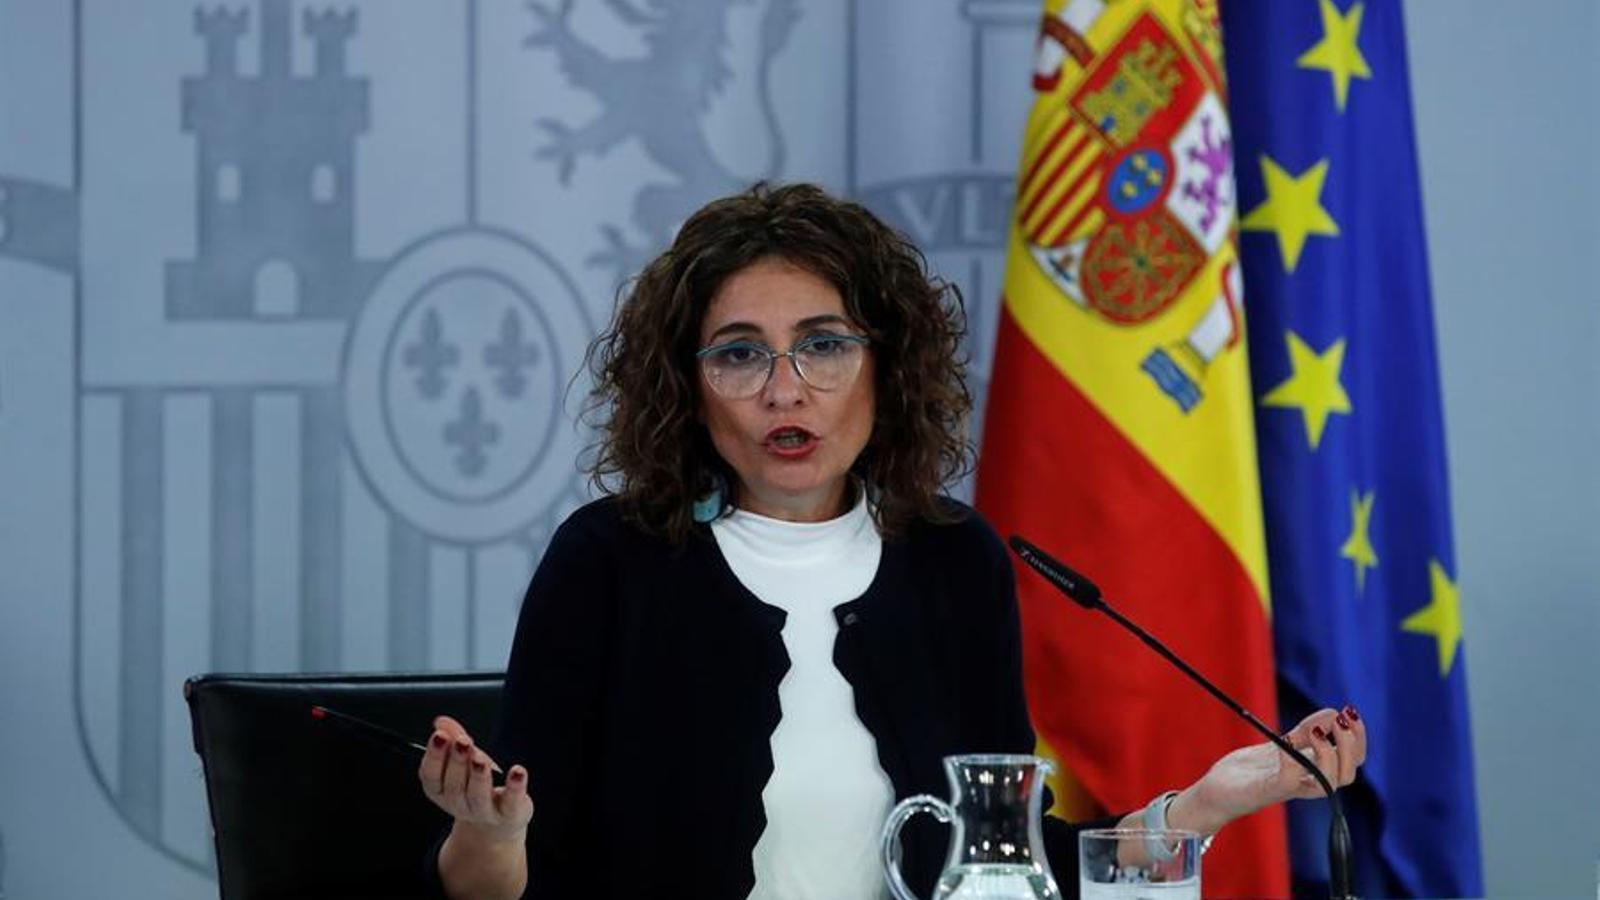 La ministra d'Hisenda, Maria Jesús Montero, durant la roda de premsa posterior al consell de ministres d'aquest dimarts.